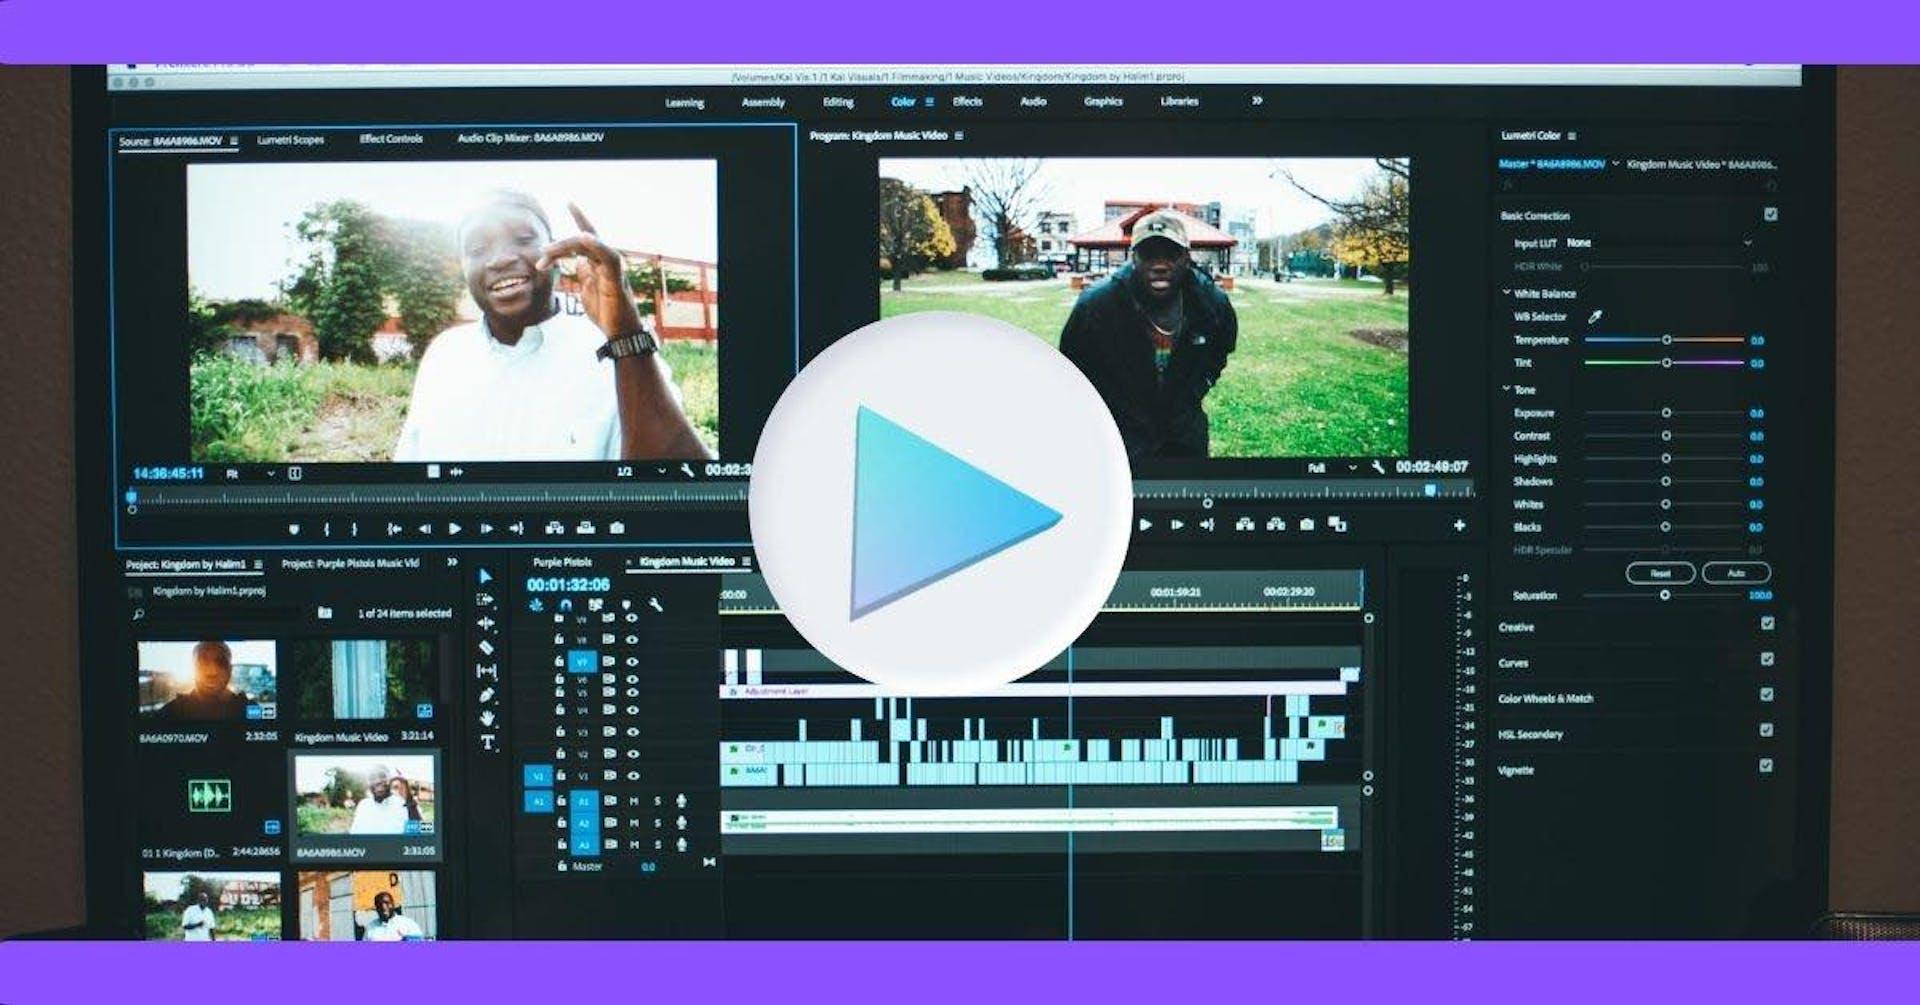 ¿Cómo mejorar la calidad de un video? Mira estos tips